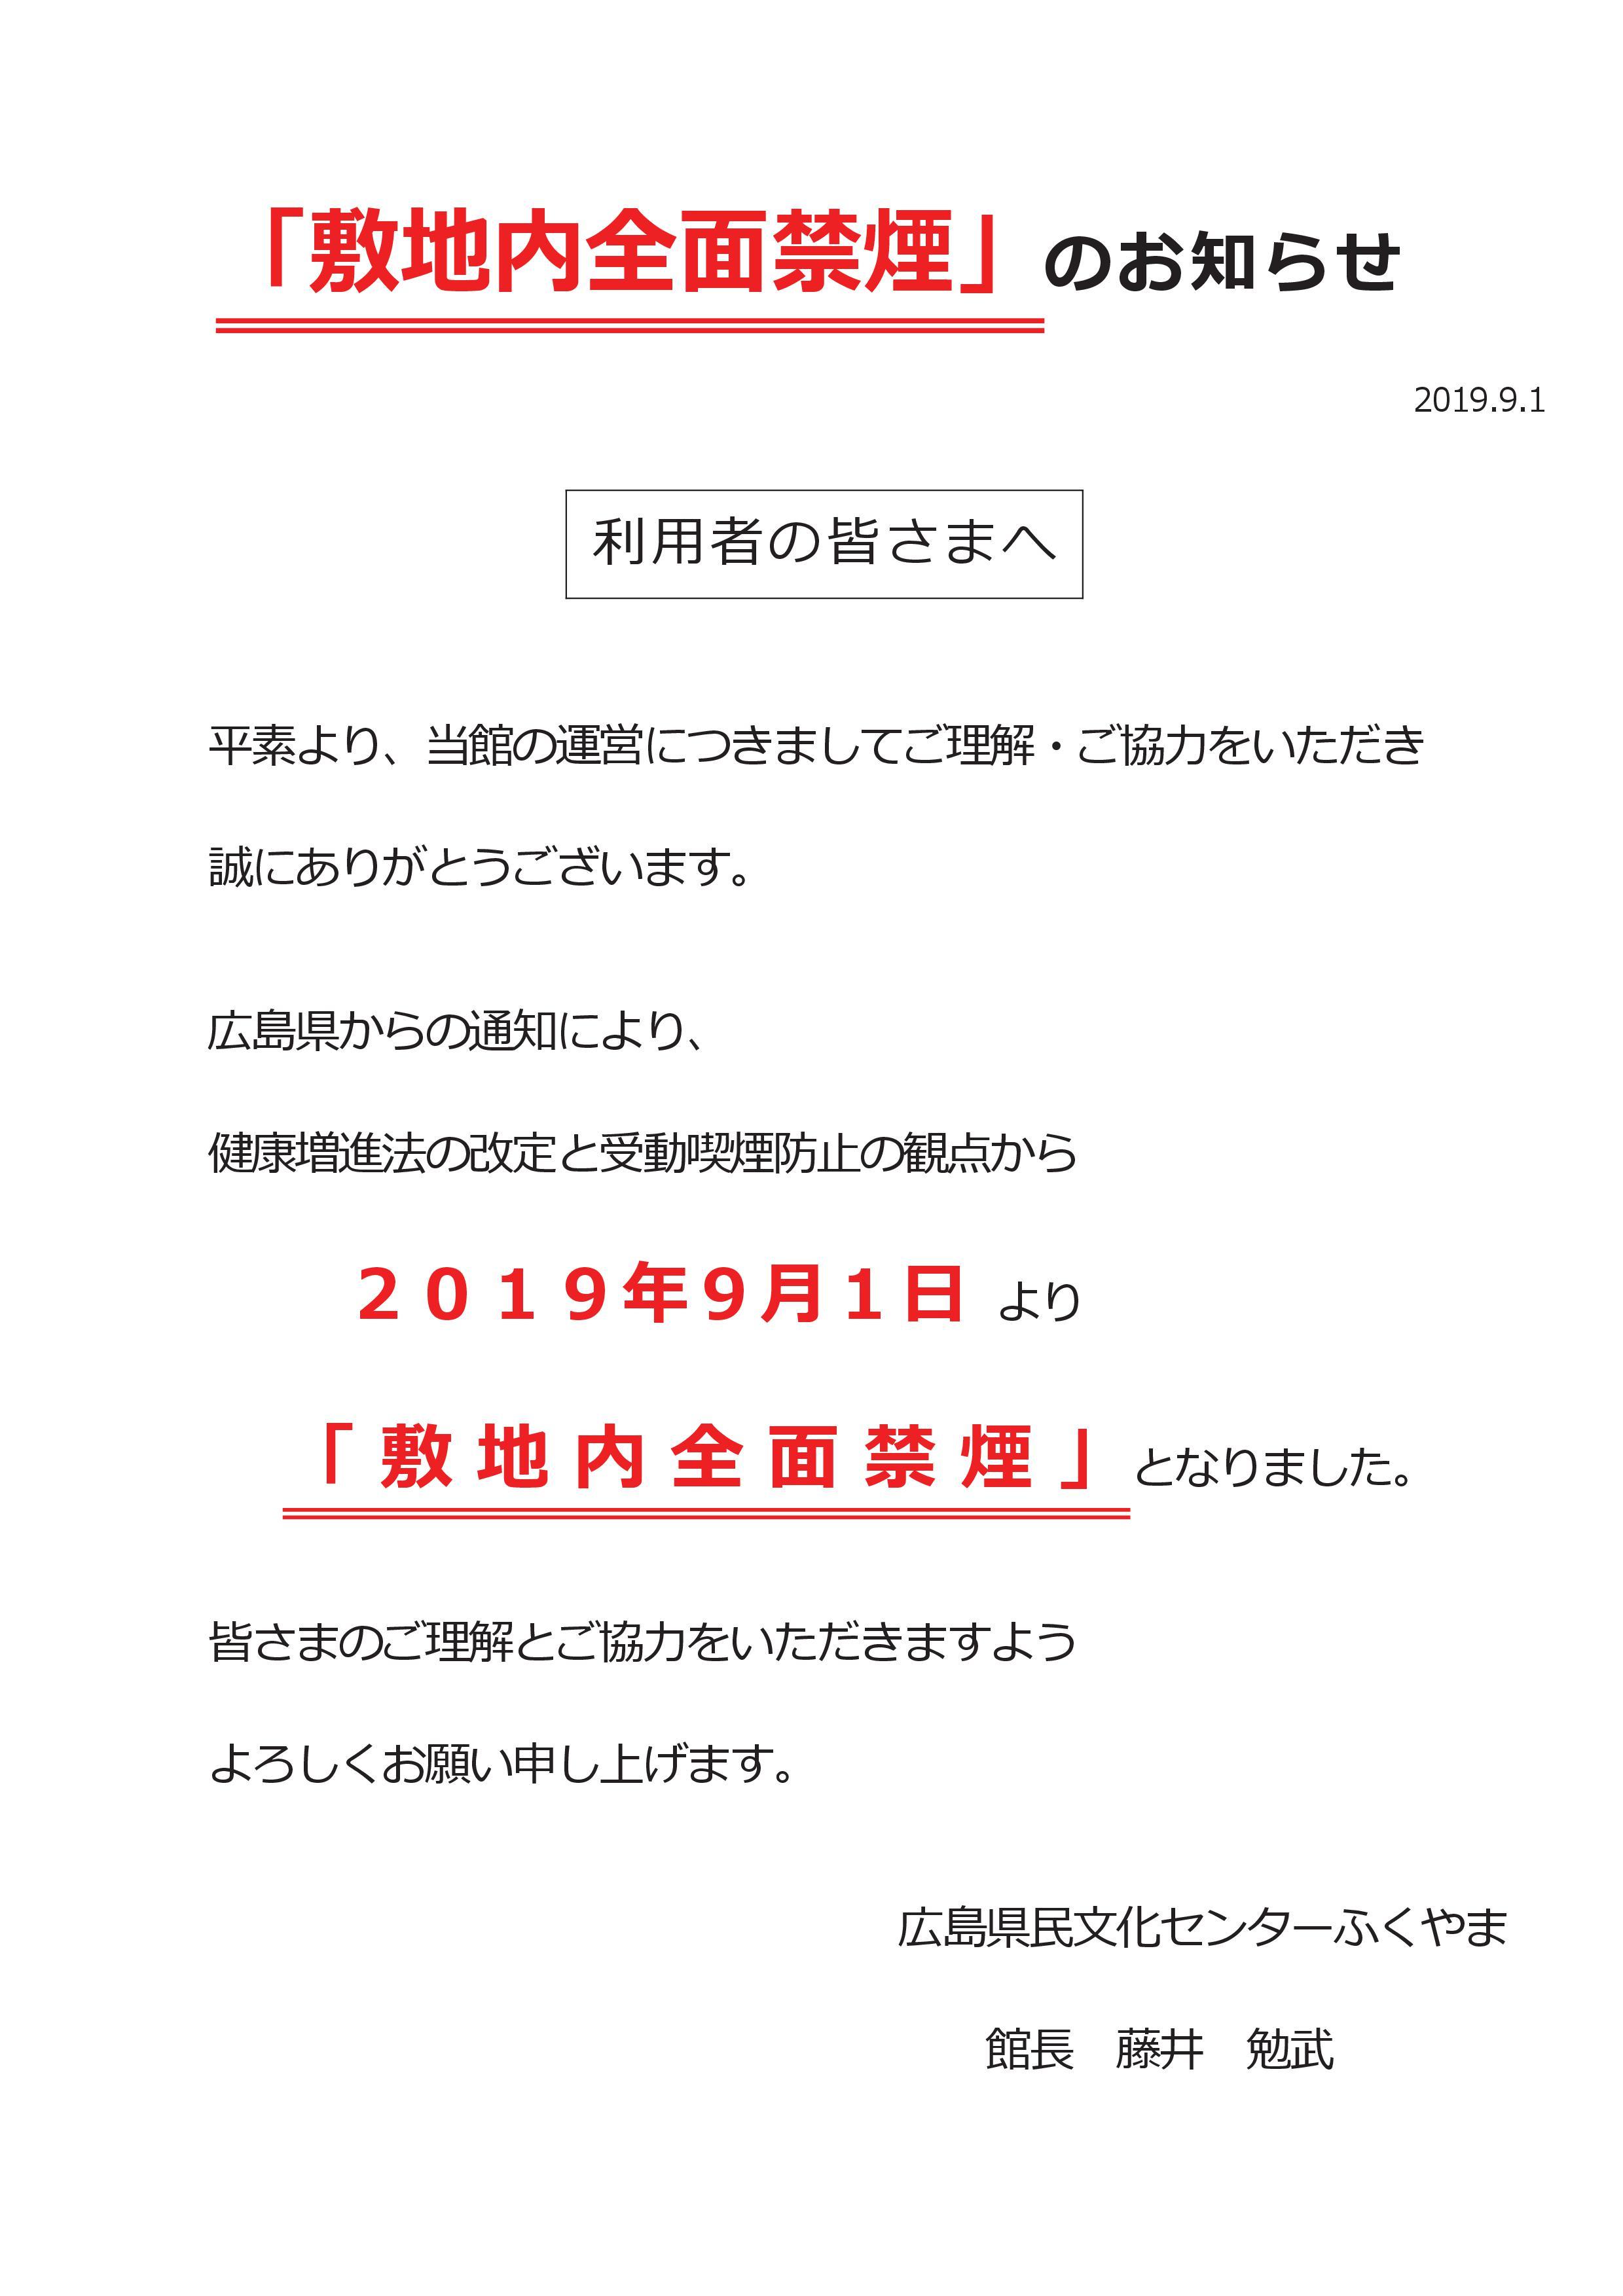 敷地内禁煙のお知らせ 9.1